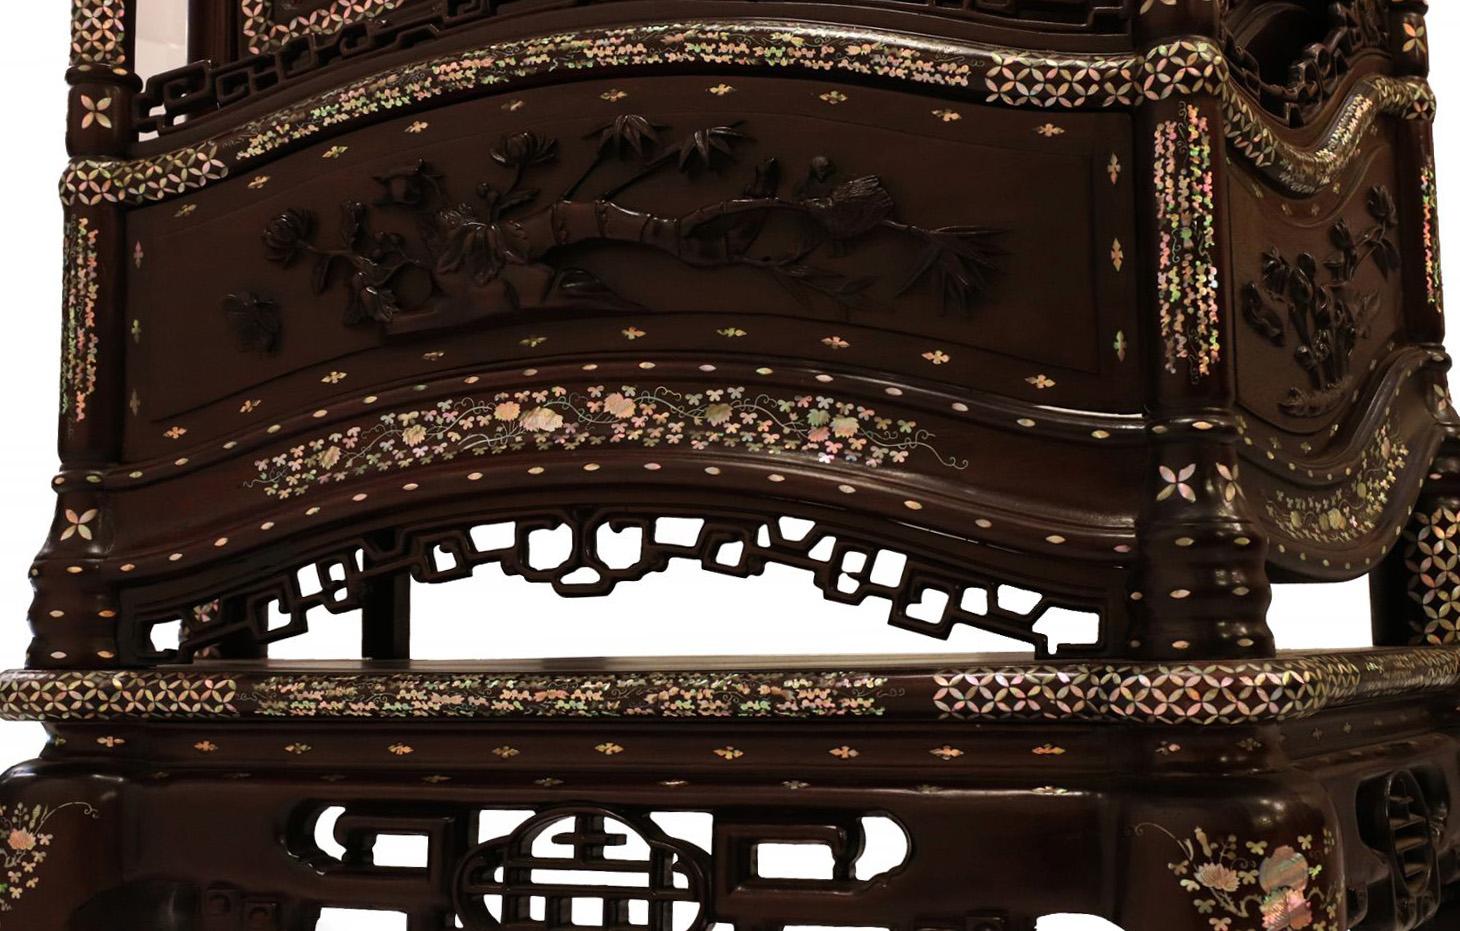 高級木材マホガニー材を使用&螺鈿細工を施したキャビネット螺鈿細工 キャビネット 飾り戸棚 高級木材 マホガニー材 飾り台 木製 リビング アンティーク家具 アジアン家具 ベトナム雑貨 寺院用家具#8